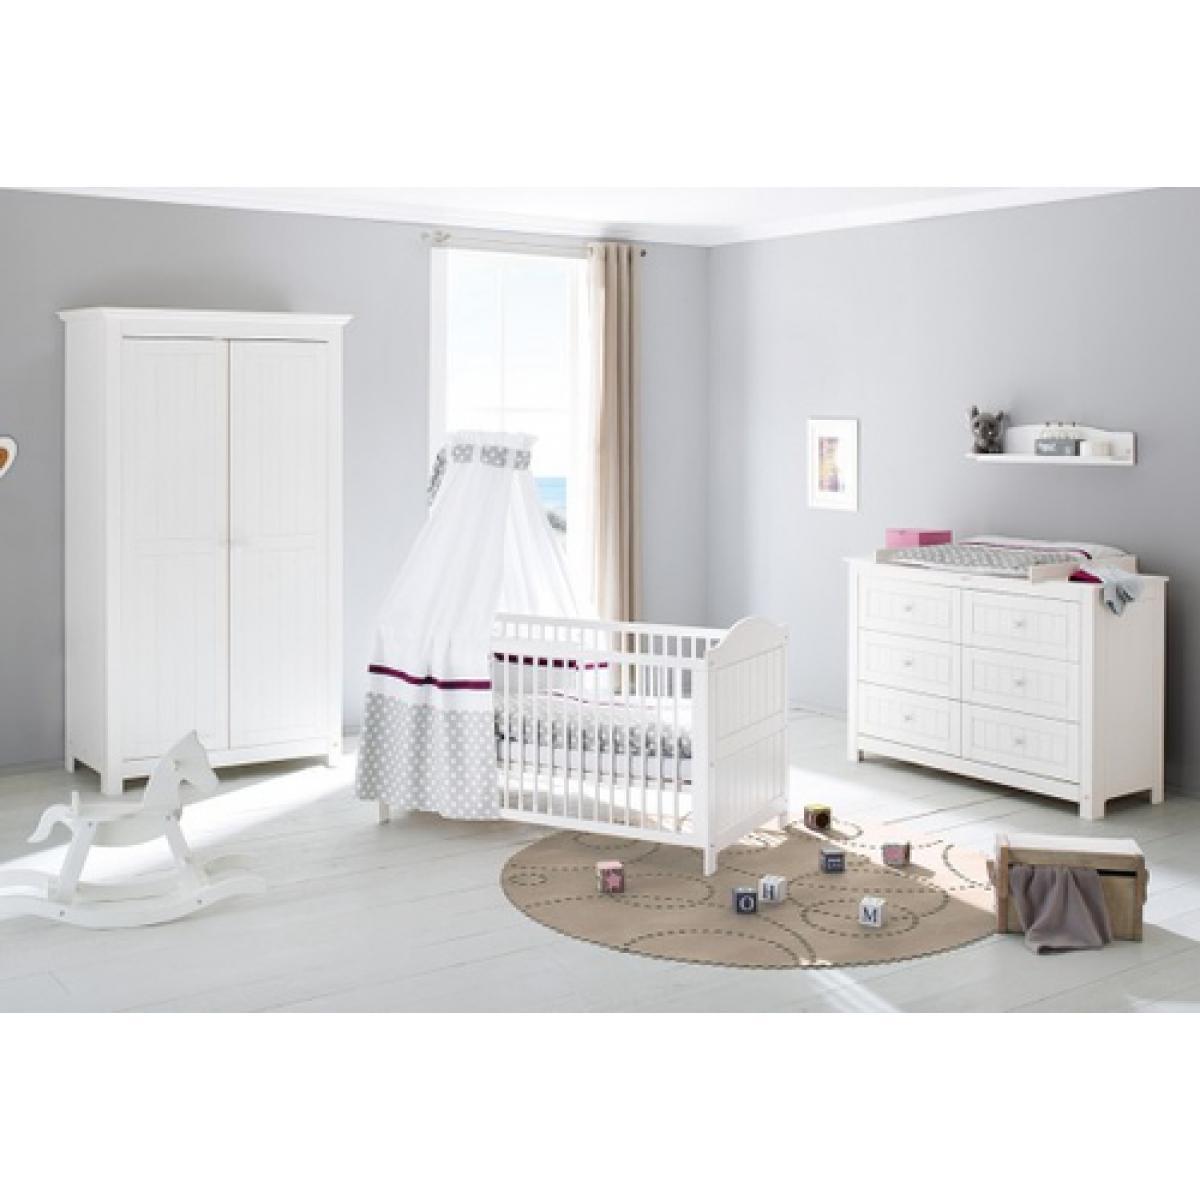 Pinolino Pinolino Chambre de bébé Nina 3 pièces lit de bébé évolutif commode à langer armoire à 2 portes